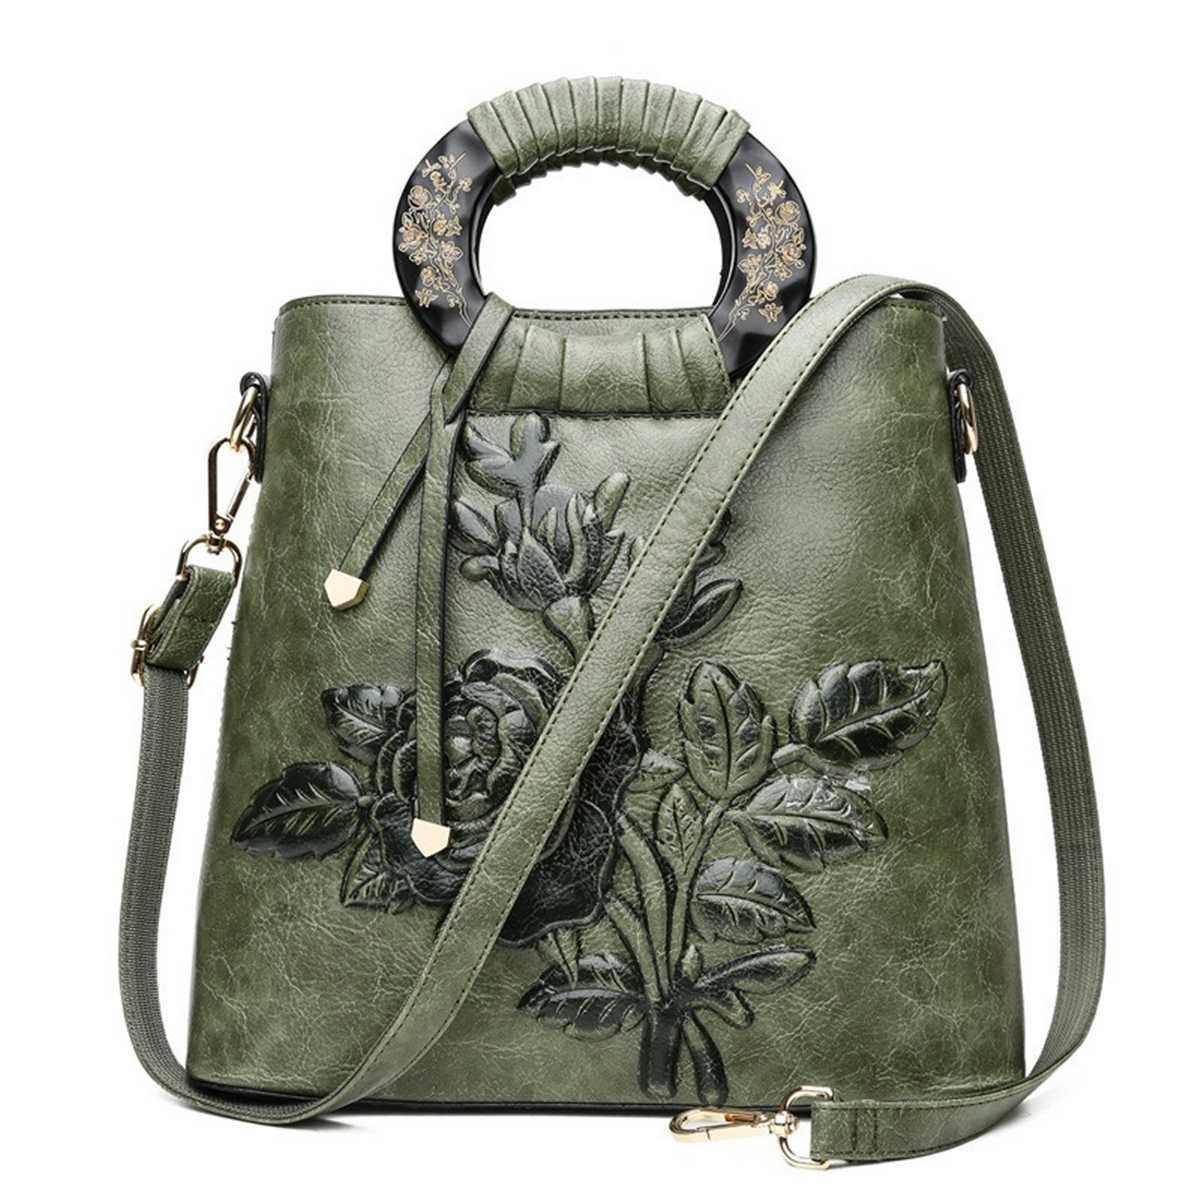 De lujo de las mujeres bolso mujer cuero de mensajero bolso de marca bolsas verde Rojo Bolsa femenina de cuero de la PU bolso de mano